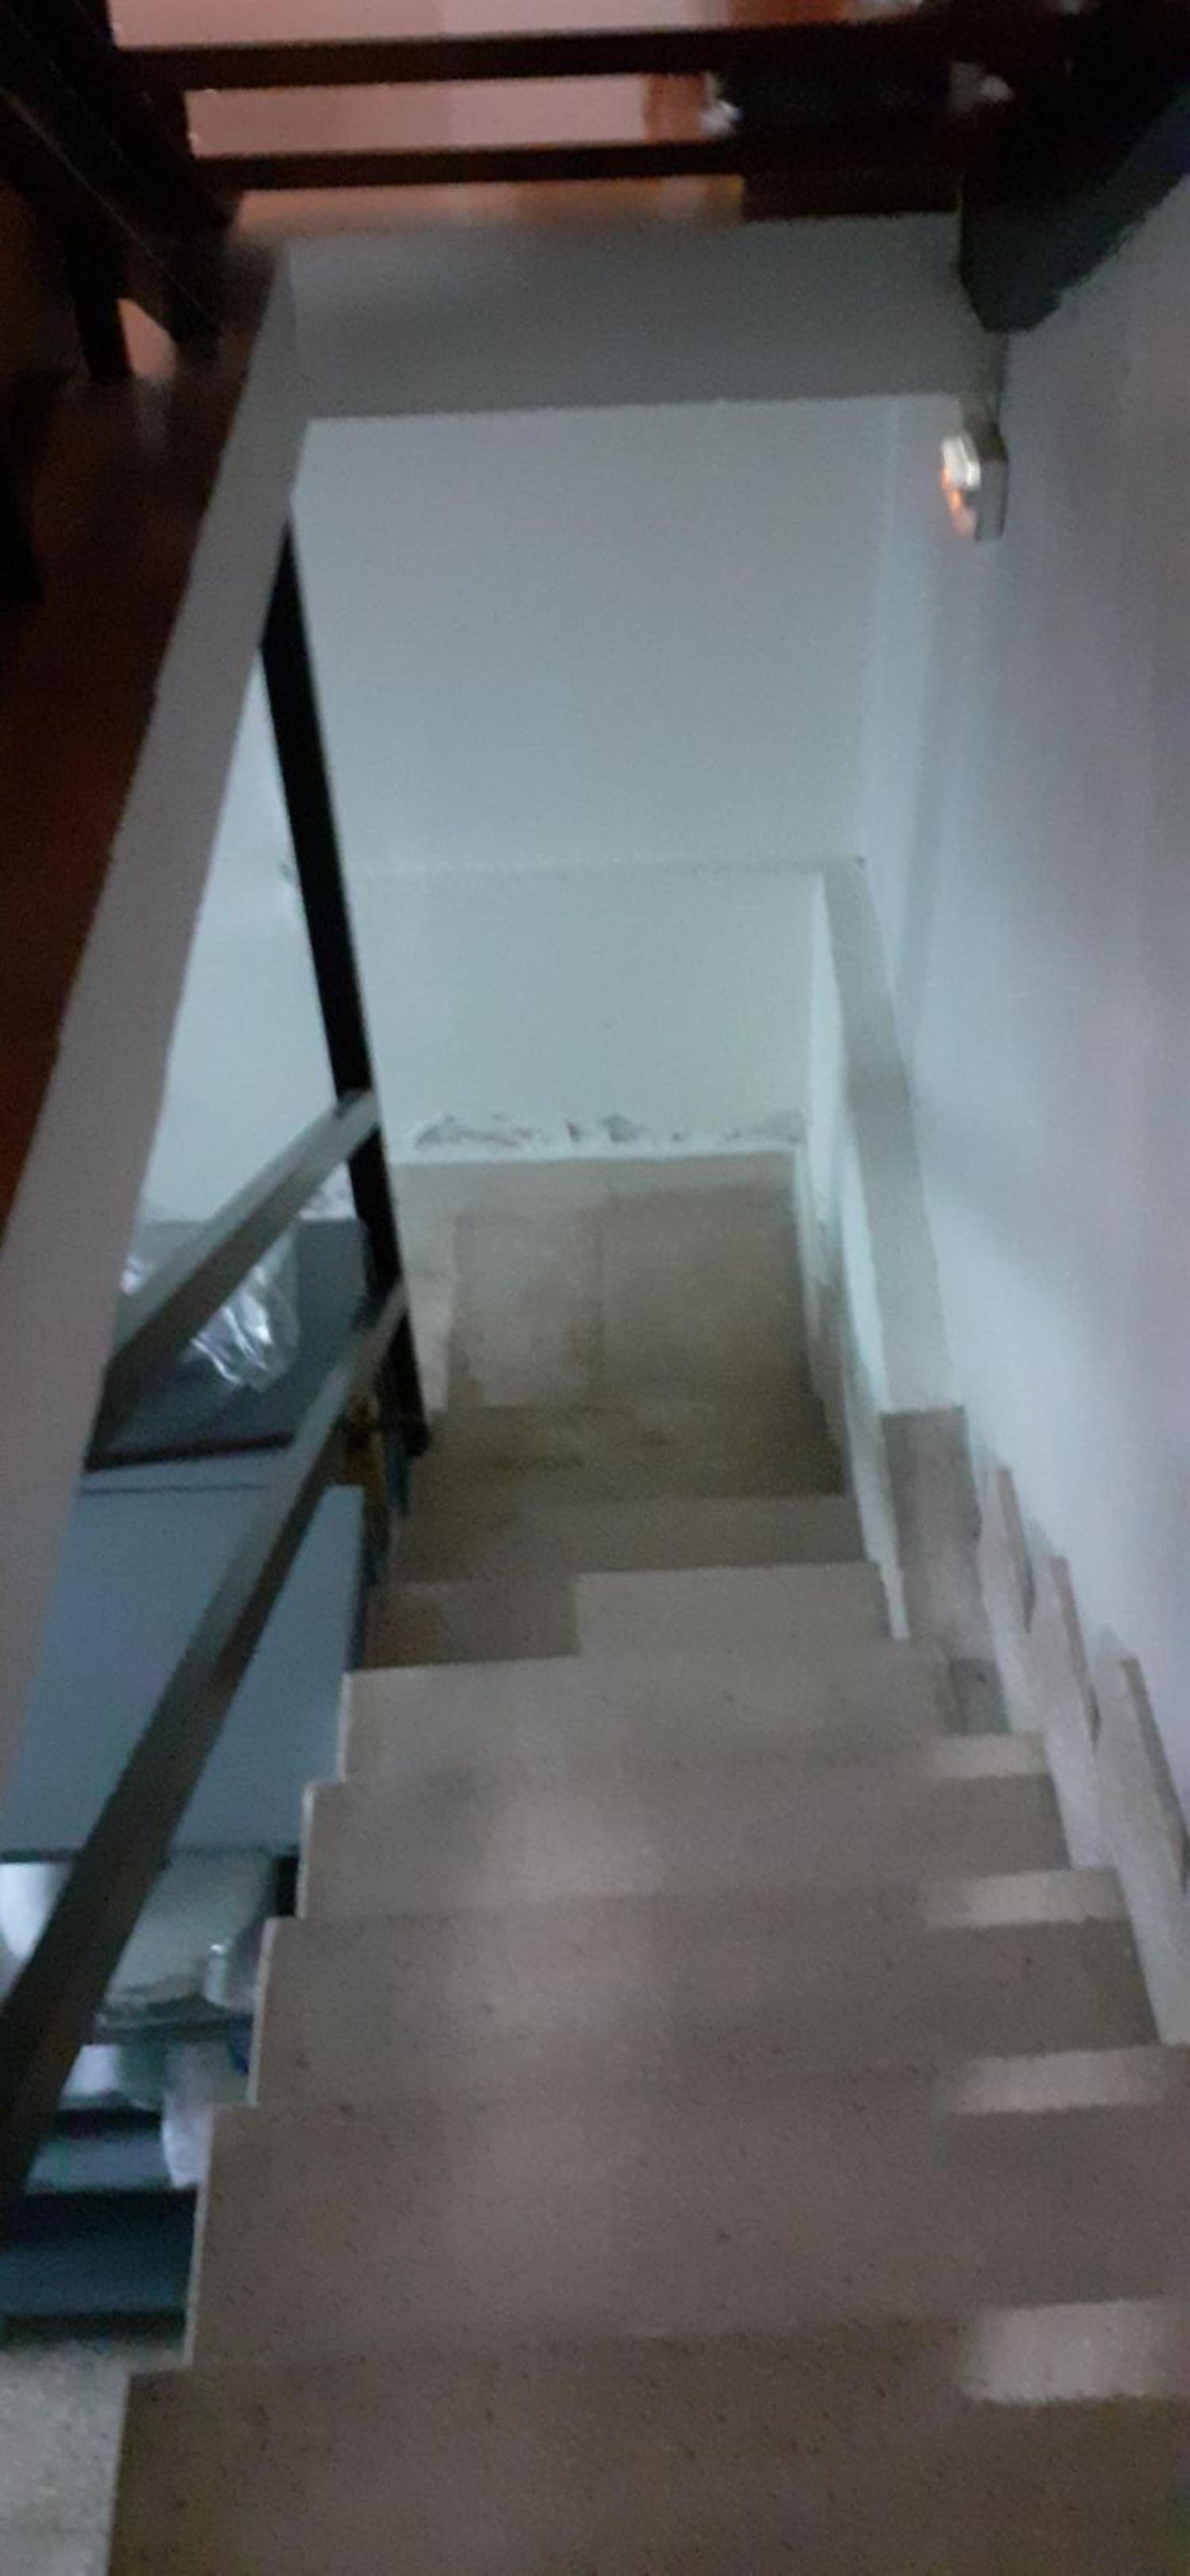 Otras propiedades en alquiler, de Juan Bravo, Madrid